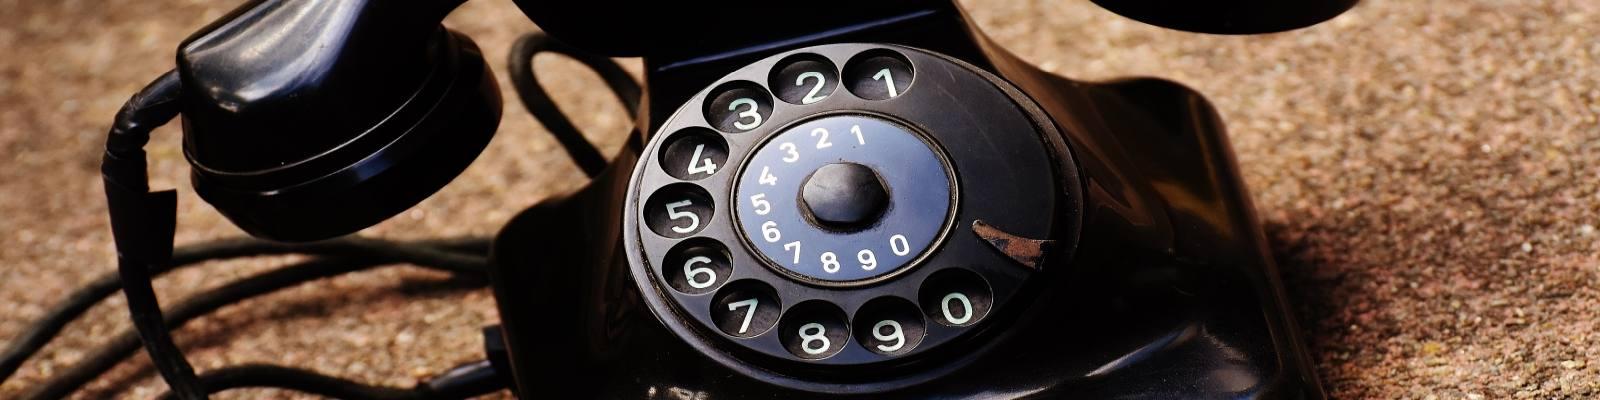 DSL · Telefon · Mobilfunk - Computerhilfe Cologne